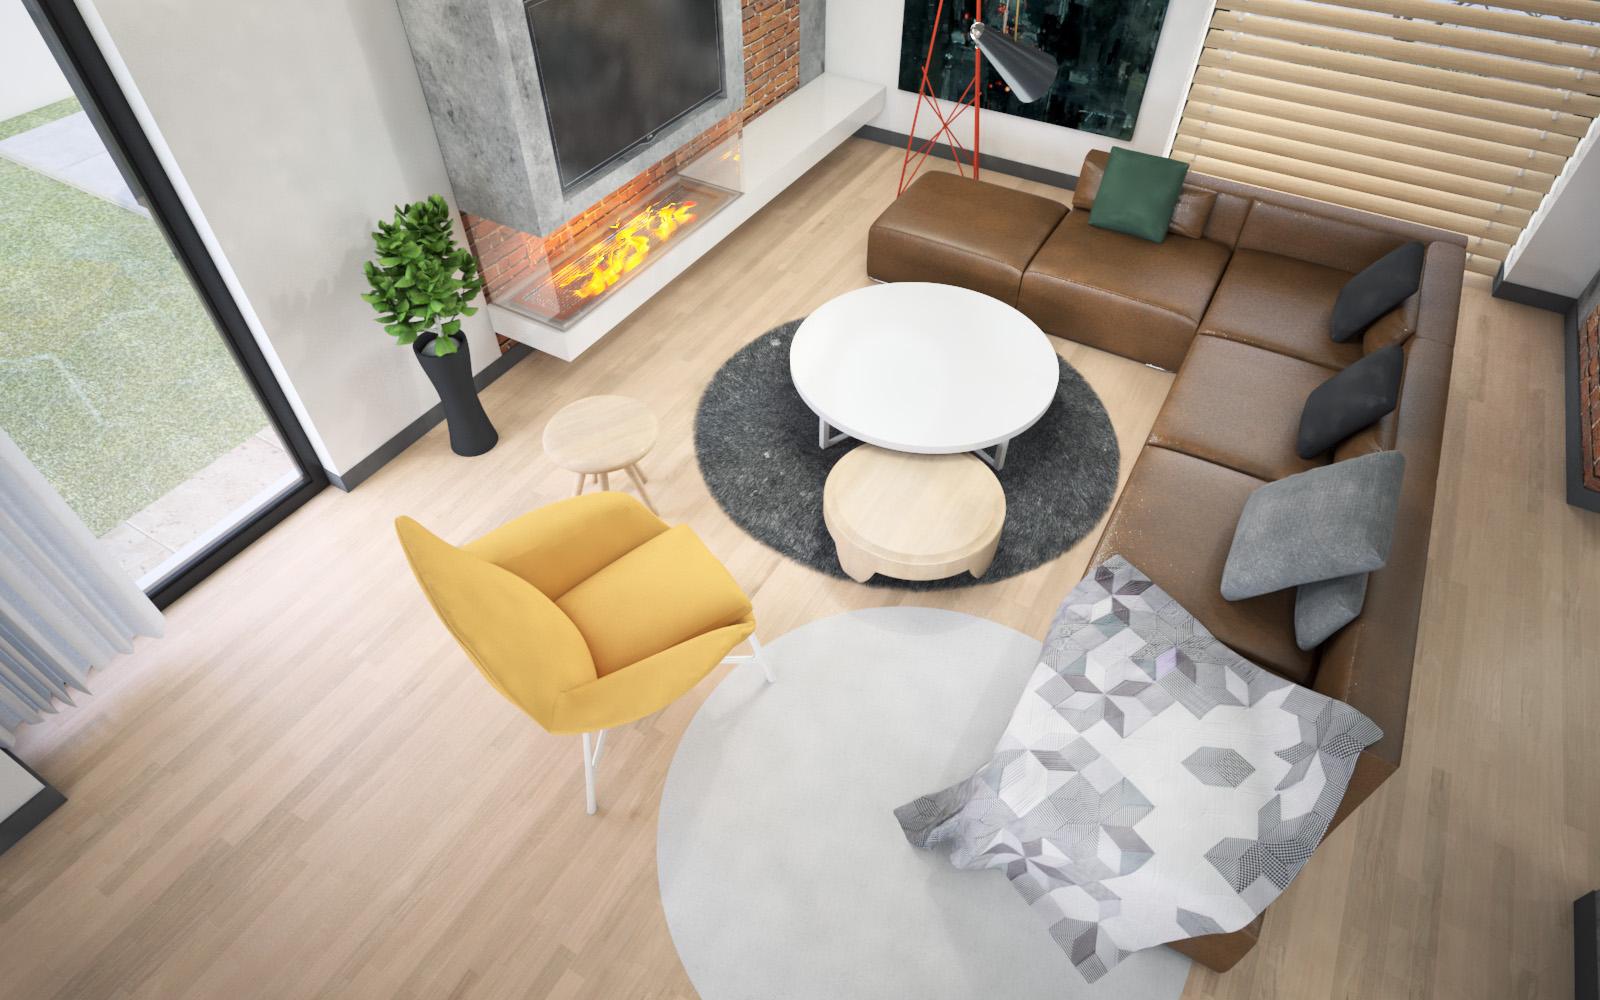 https://nbc-arhitect.ro/wp-content/uploads/2020/10/NBC-Arhitect-_-Arcstil-Residences-_-Romania-_-interior-design-view_7.jpg